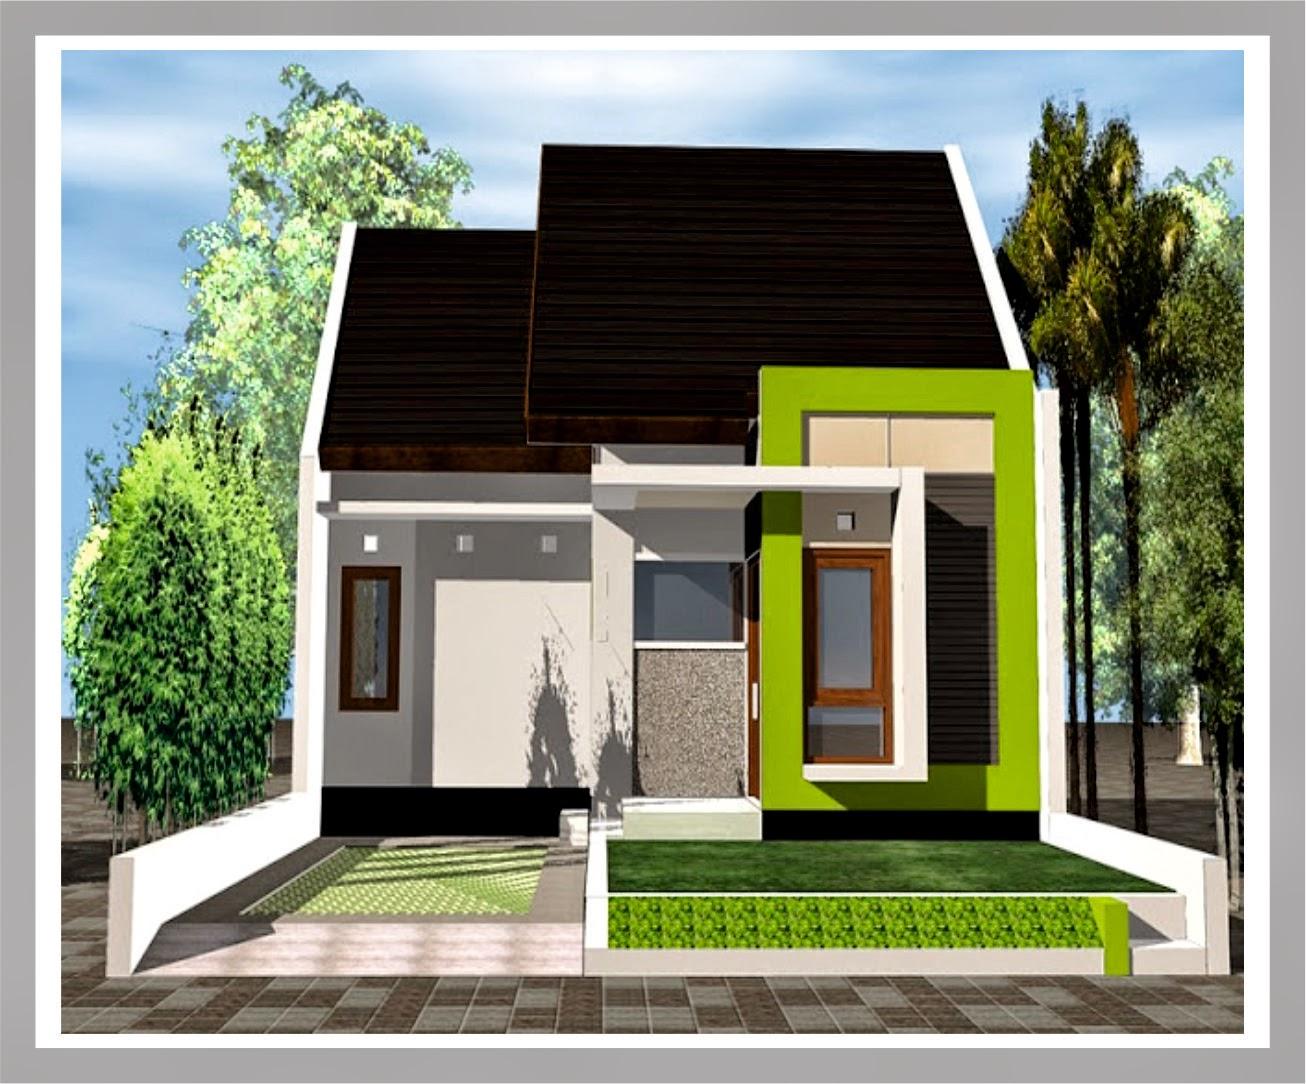 perbedaan rumah minimalis sederhana dengan rumah minimalis